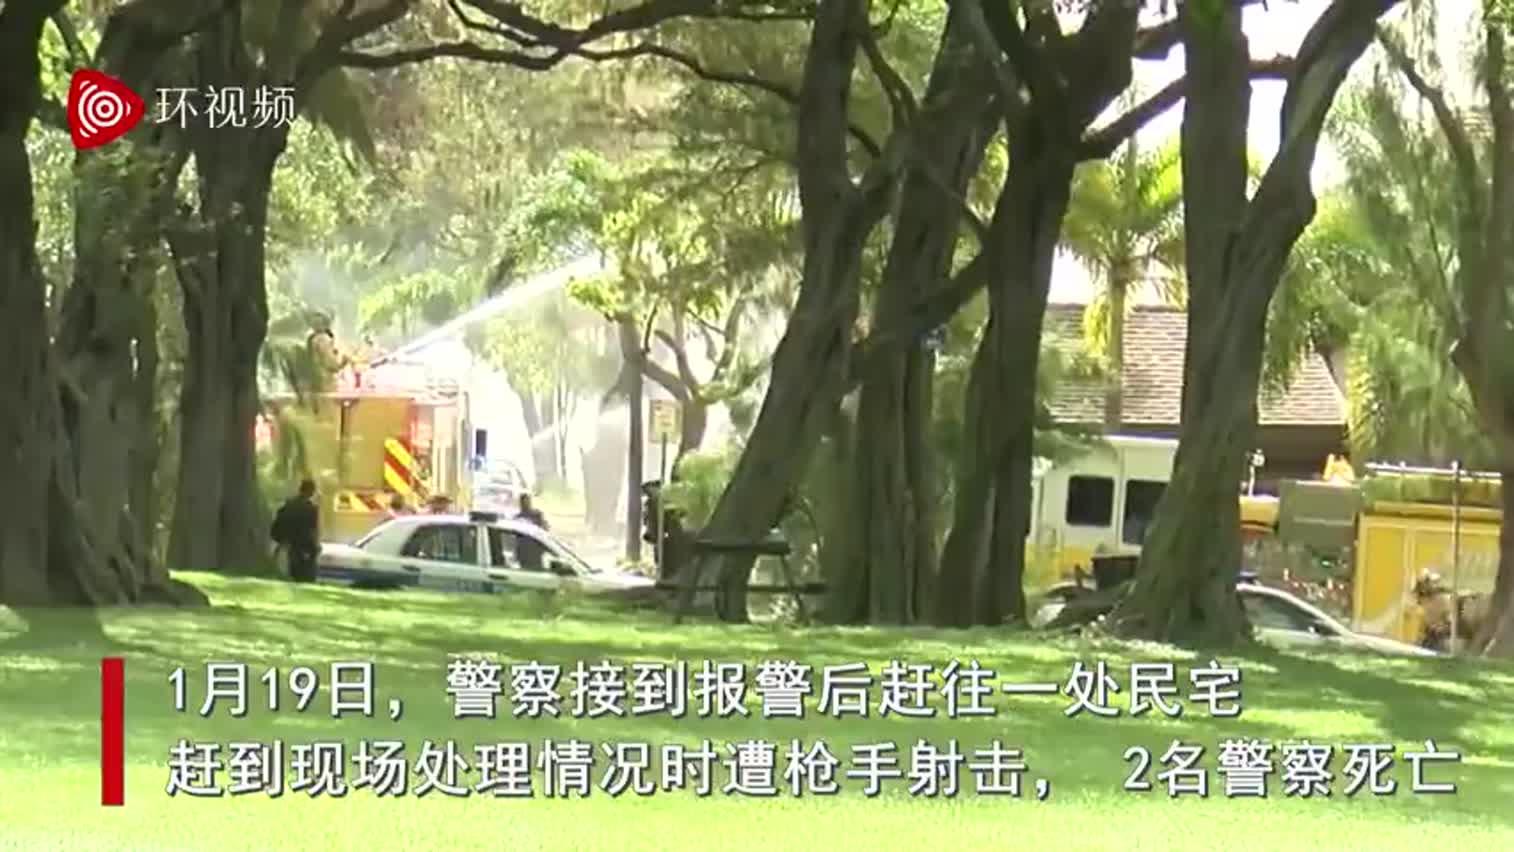 视频-美国夏威夷突发枪击:至少2名警察被枪杀 嫌